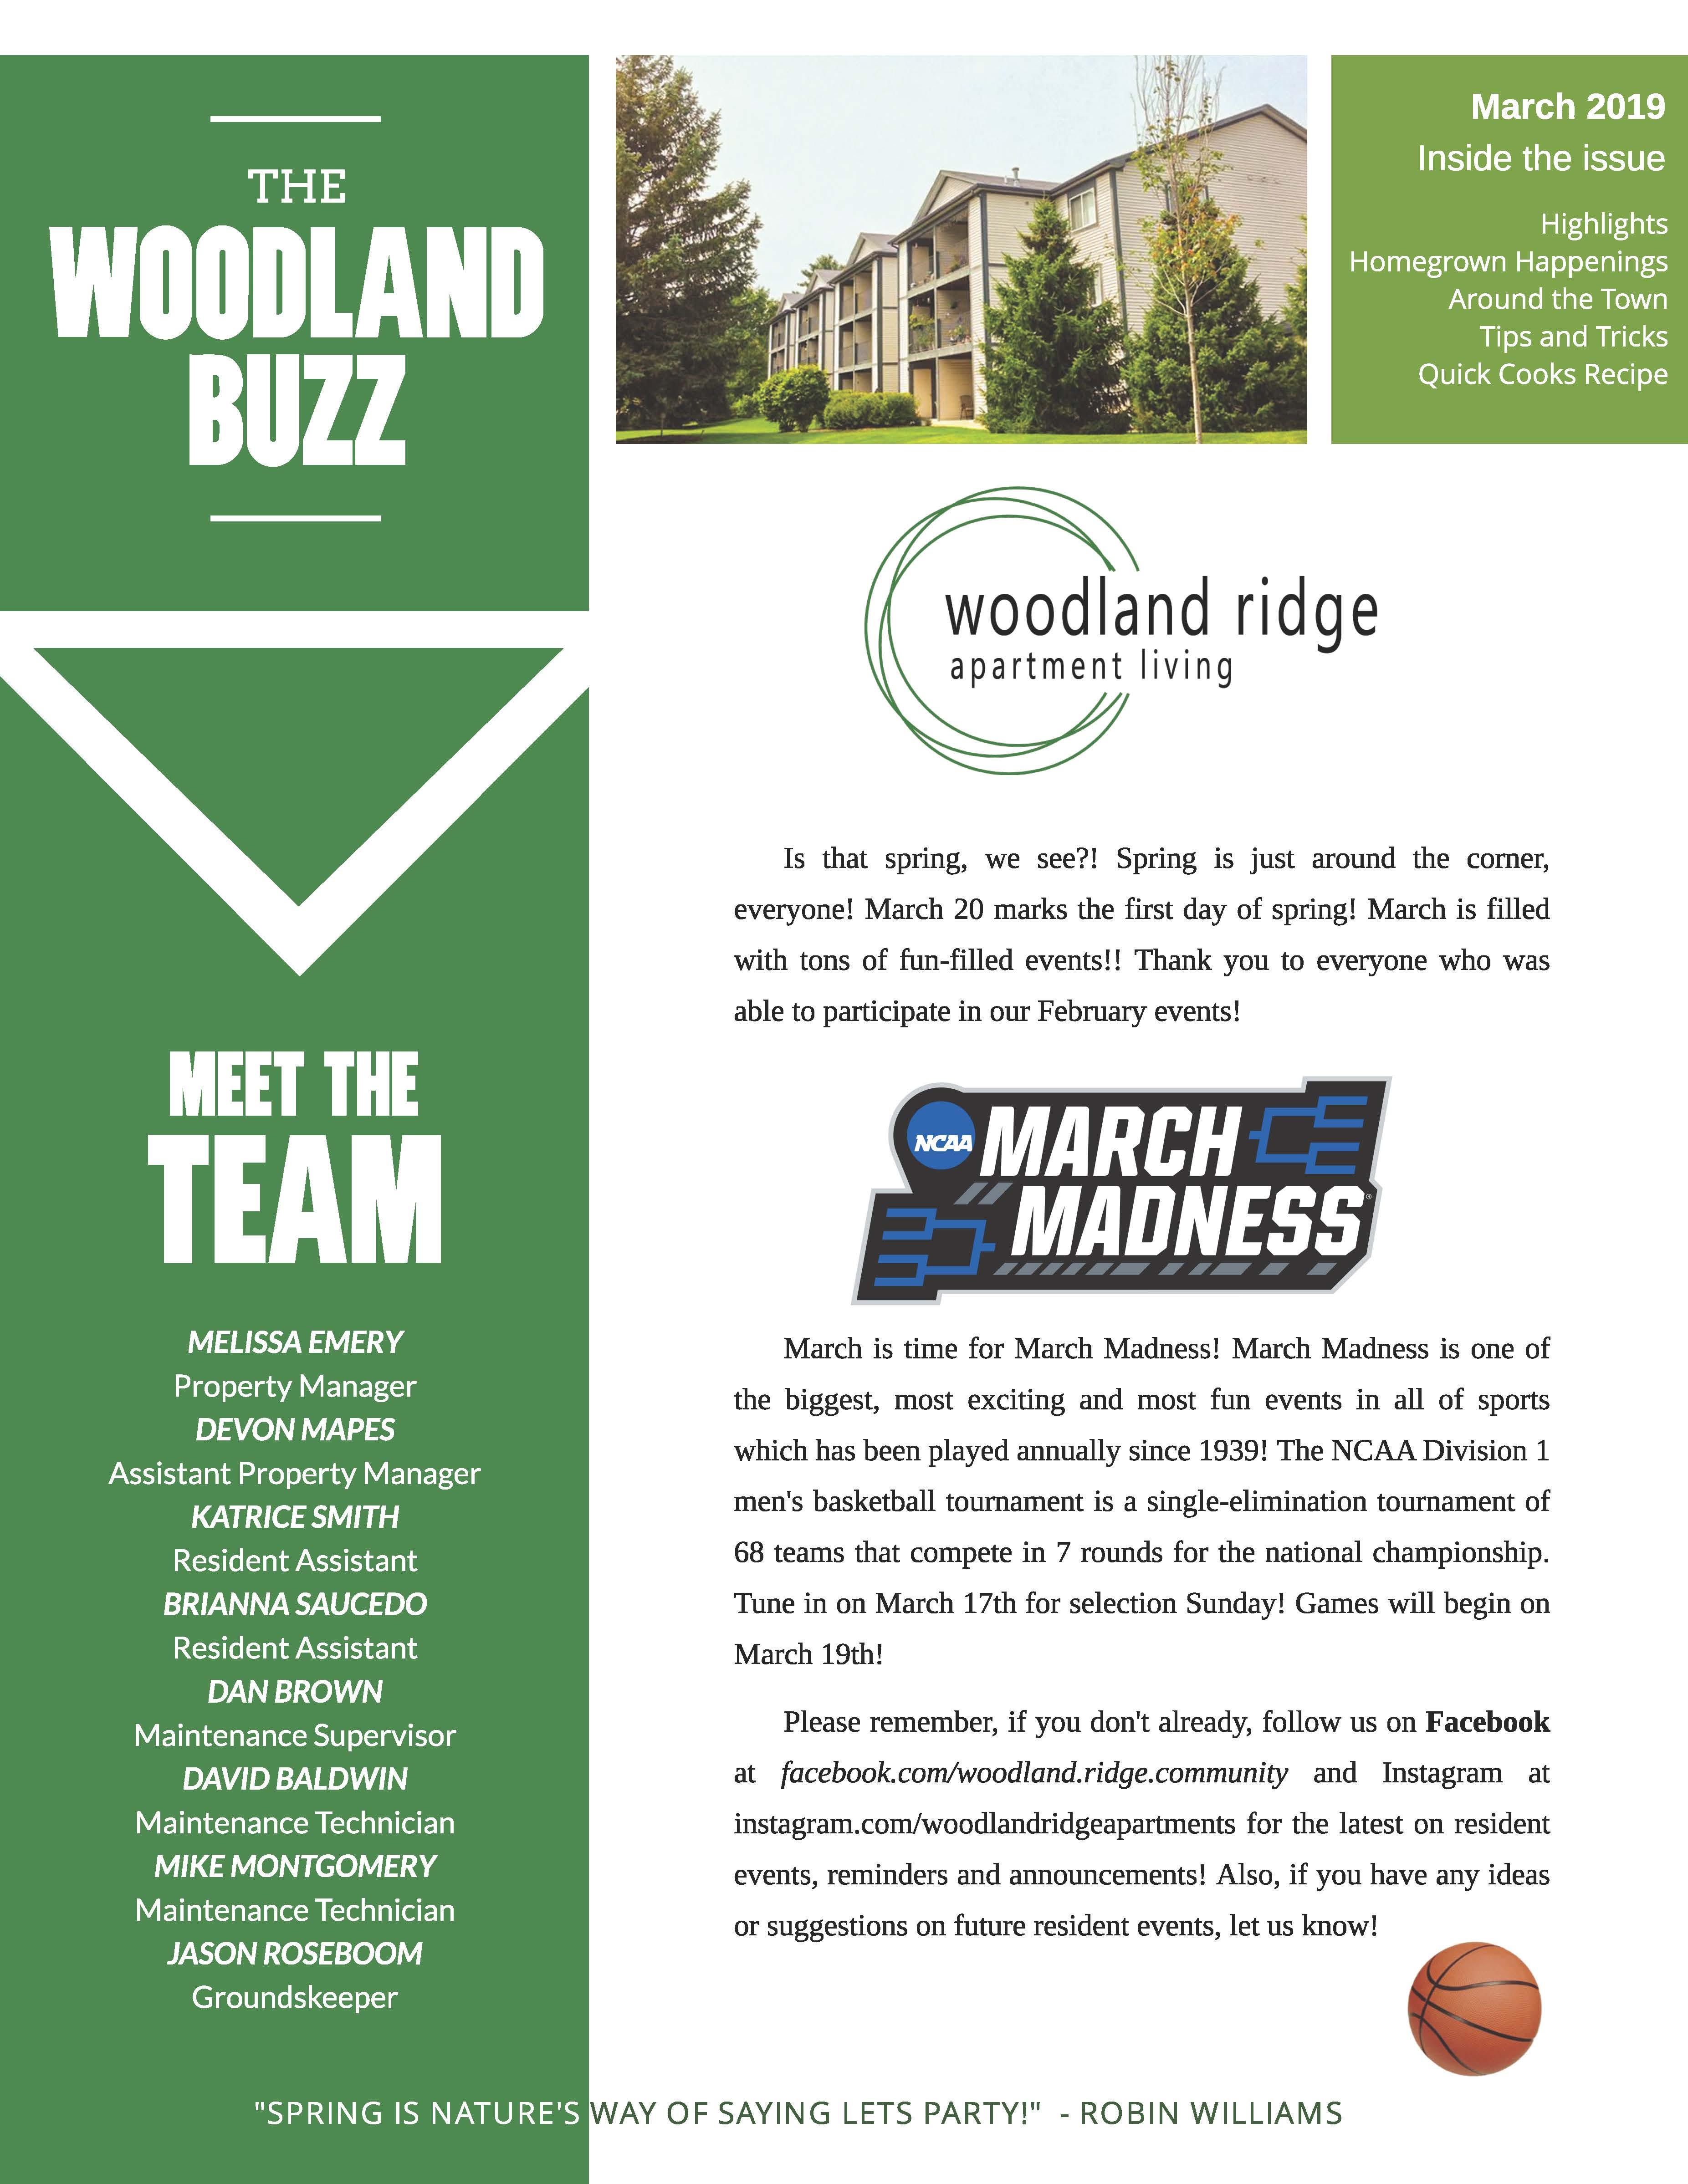 The Woodland Ridge Community